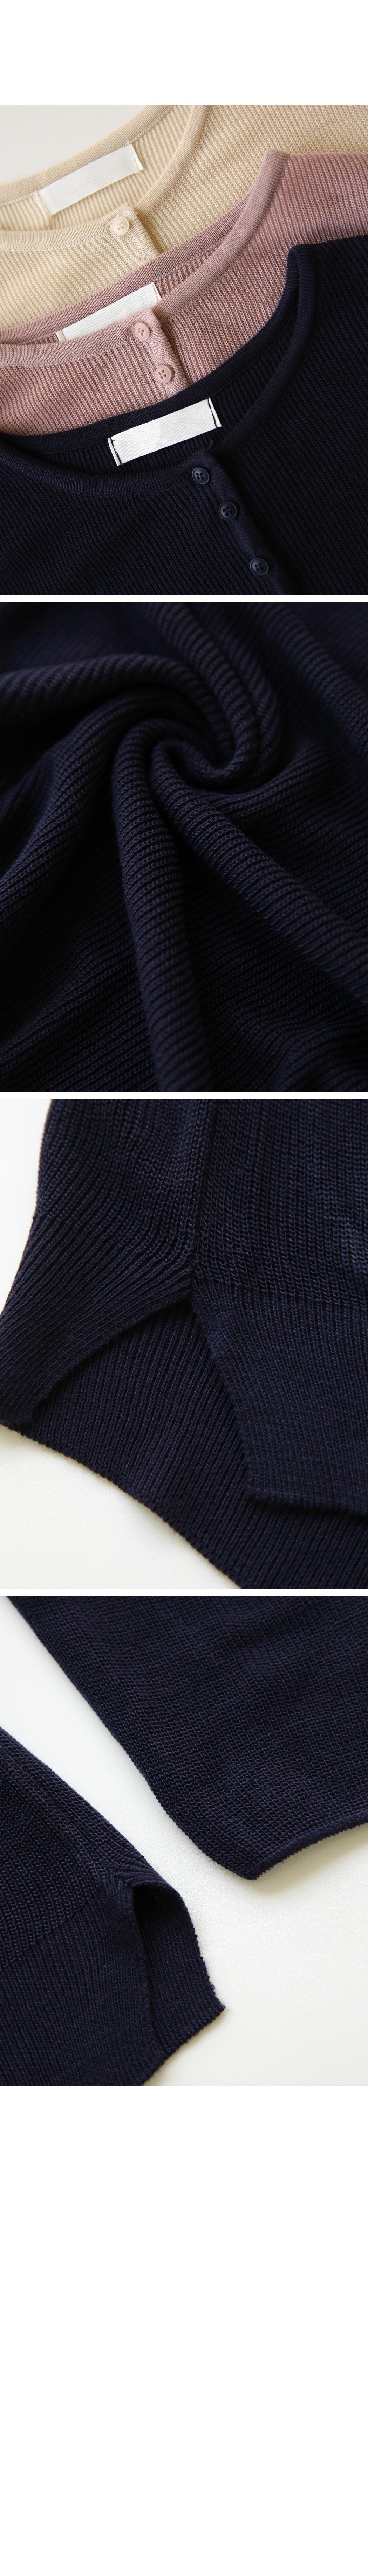 Henry neck hat button knit